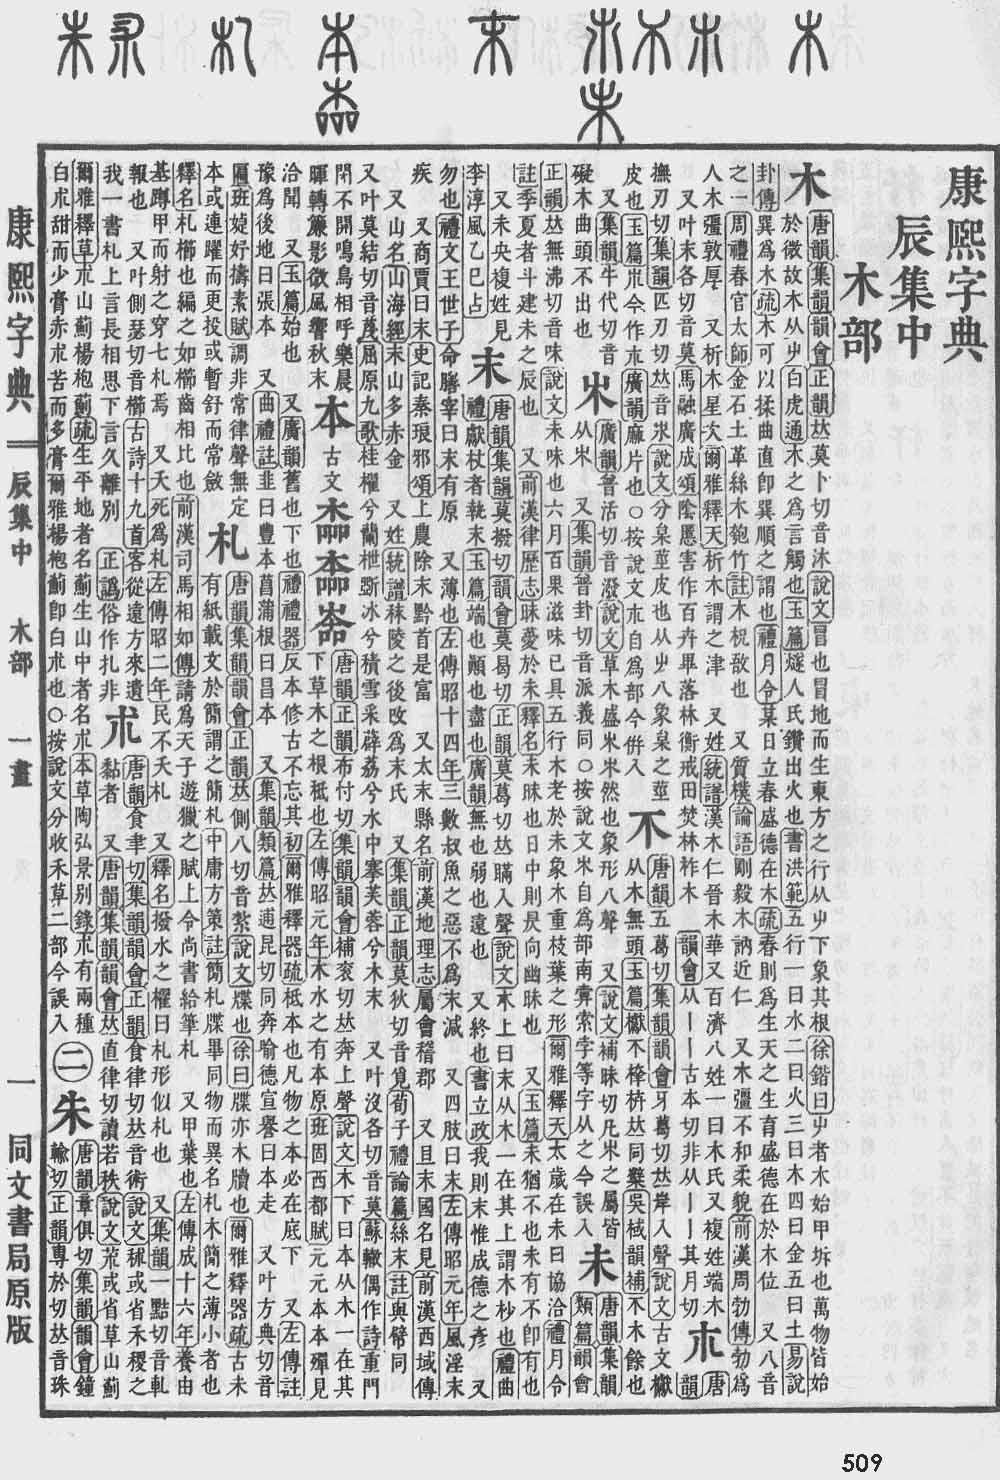 《康熙字典》第509页